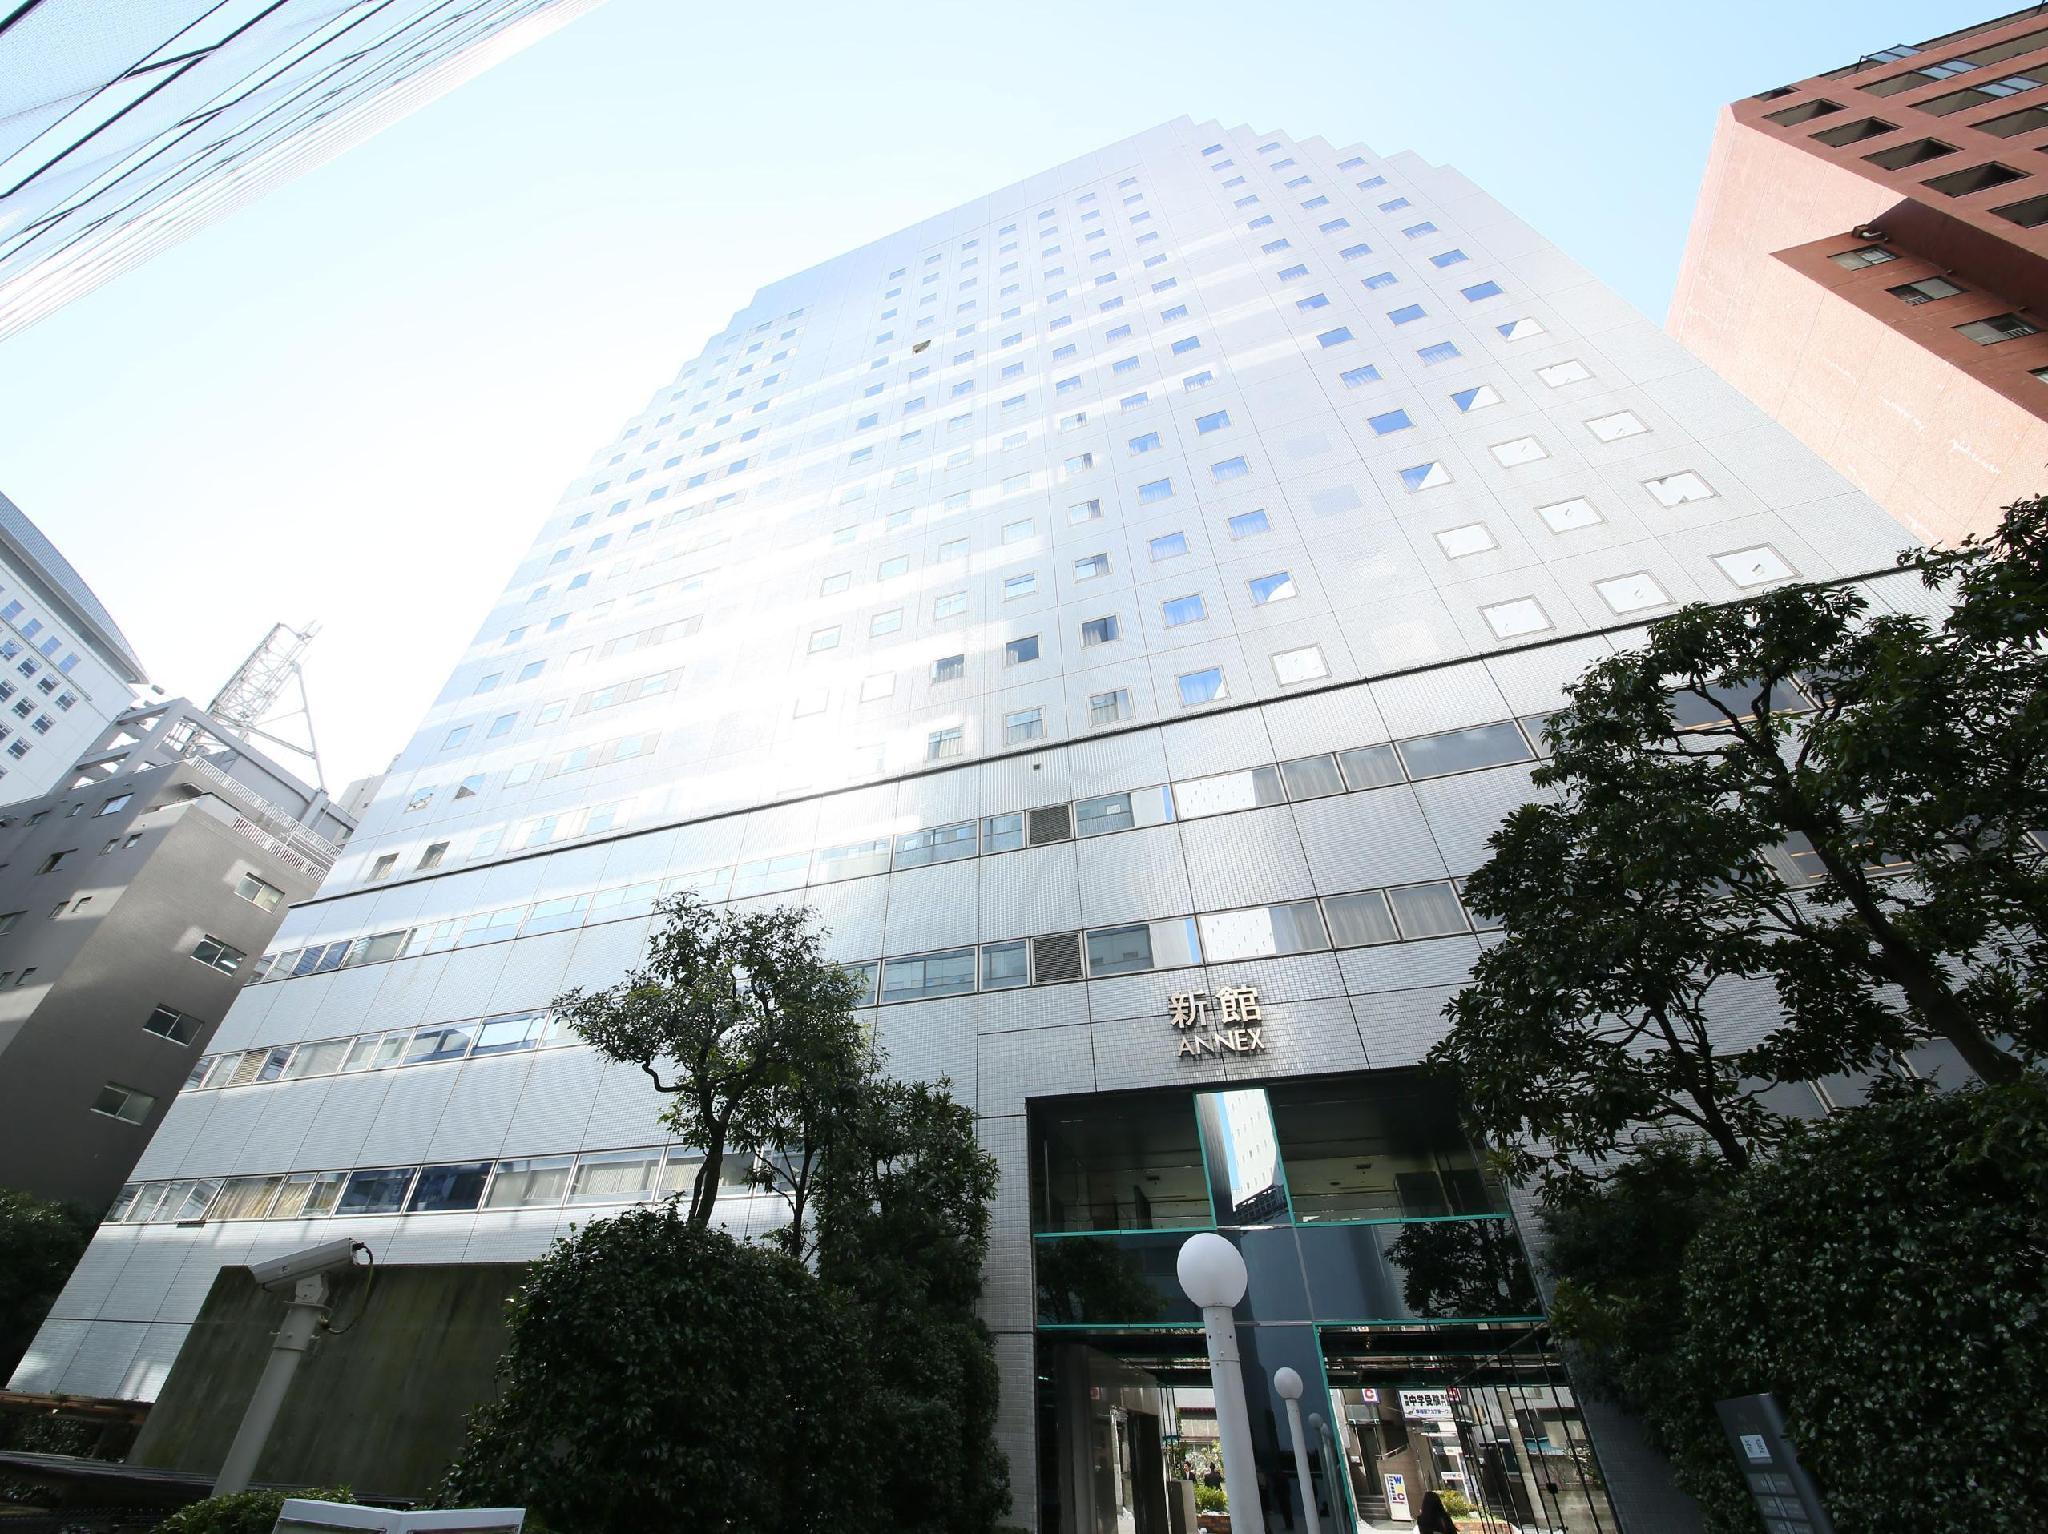 โรงแรมชินจูกุ วอชิงตัน แอนเนกซ์